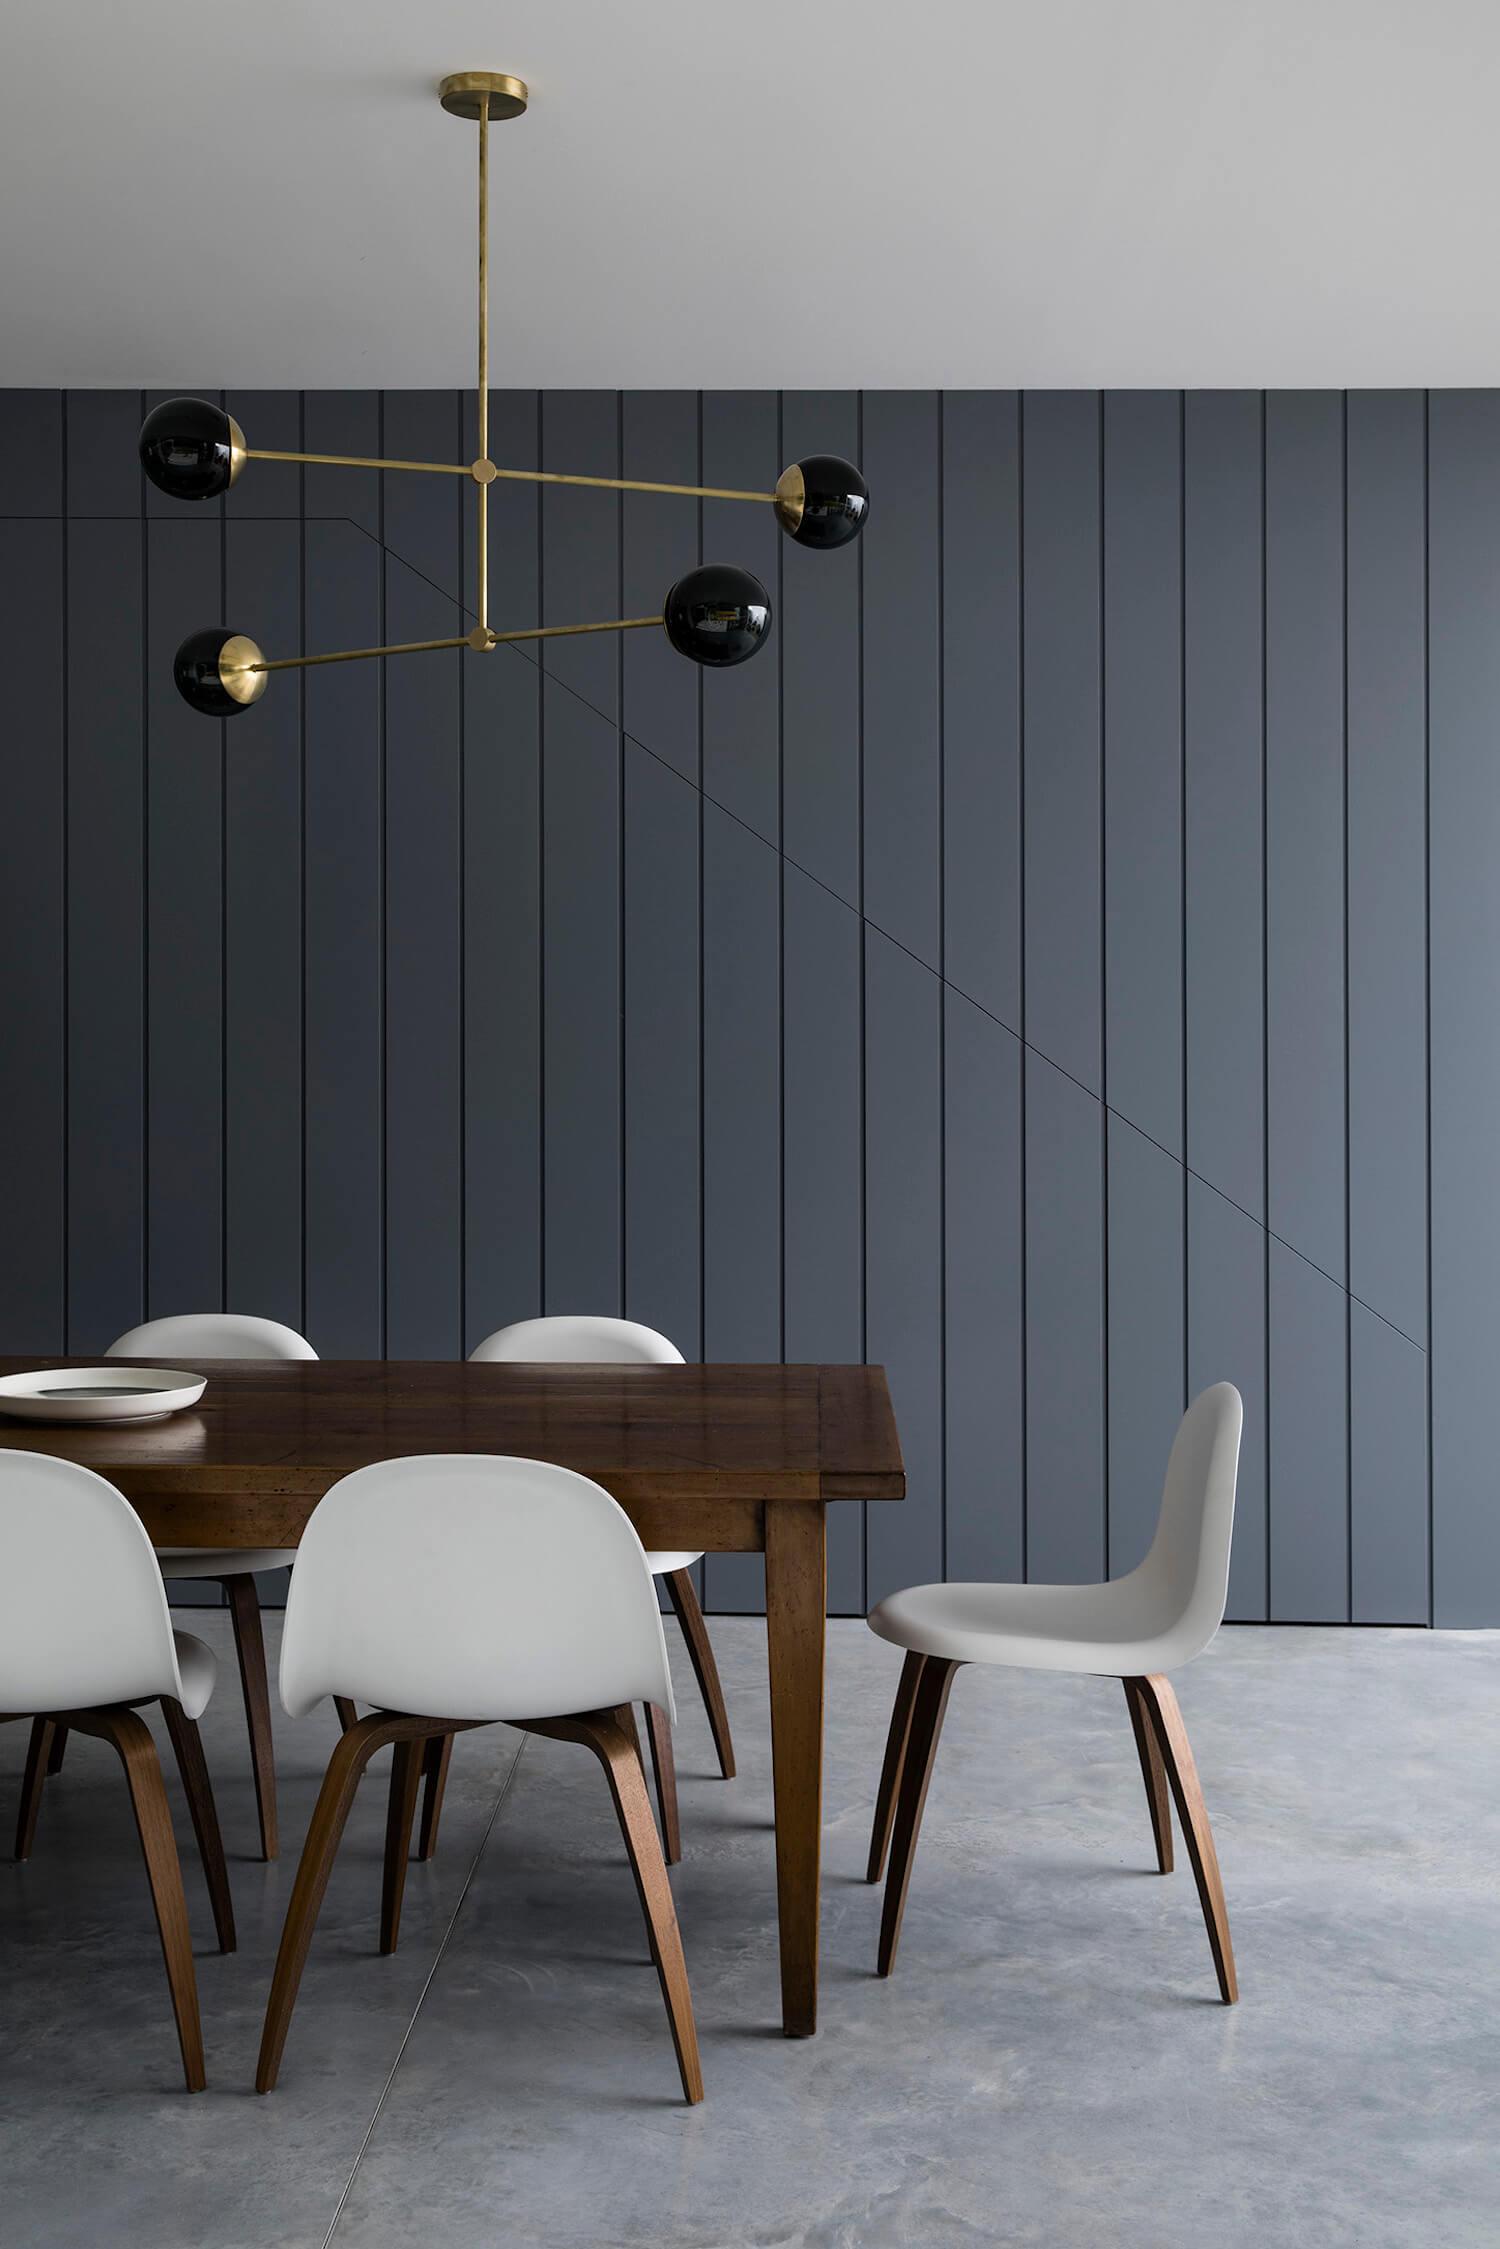 est living australian interiors kate bell design 10